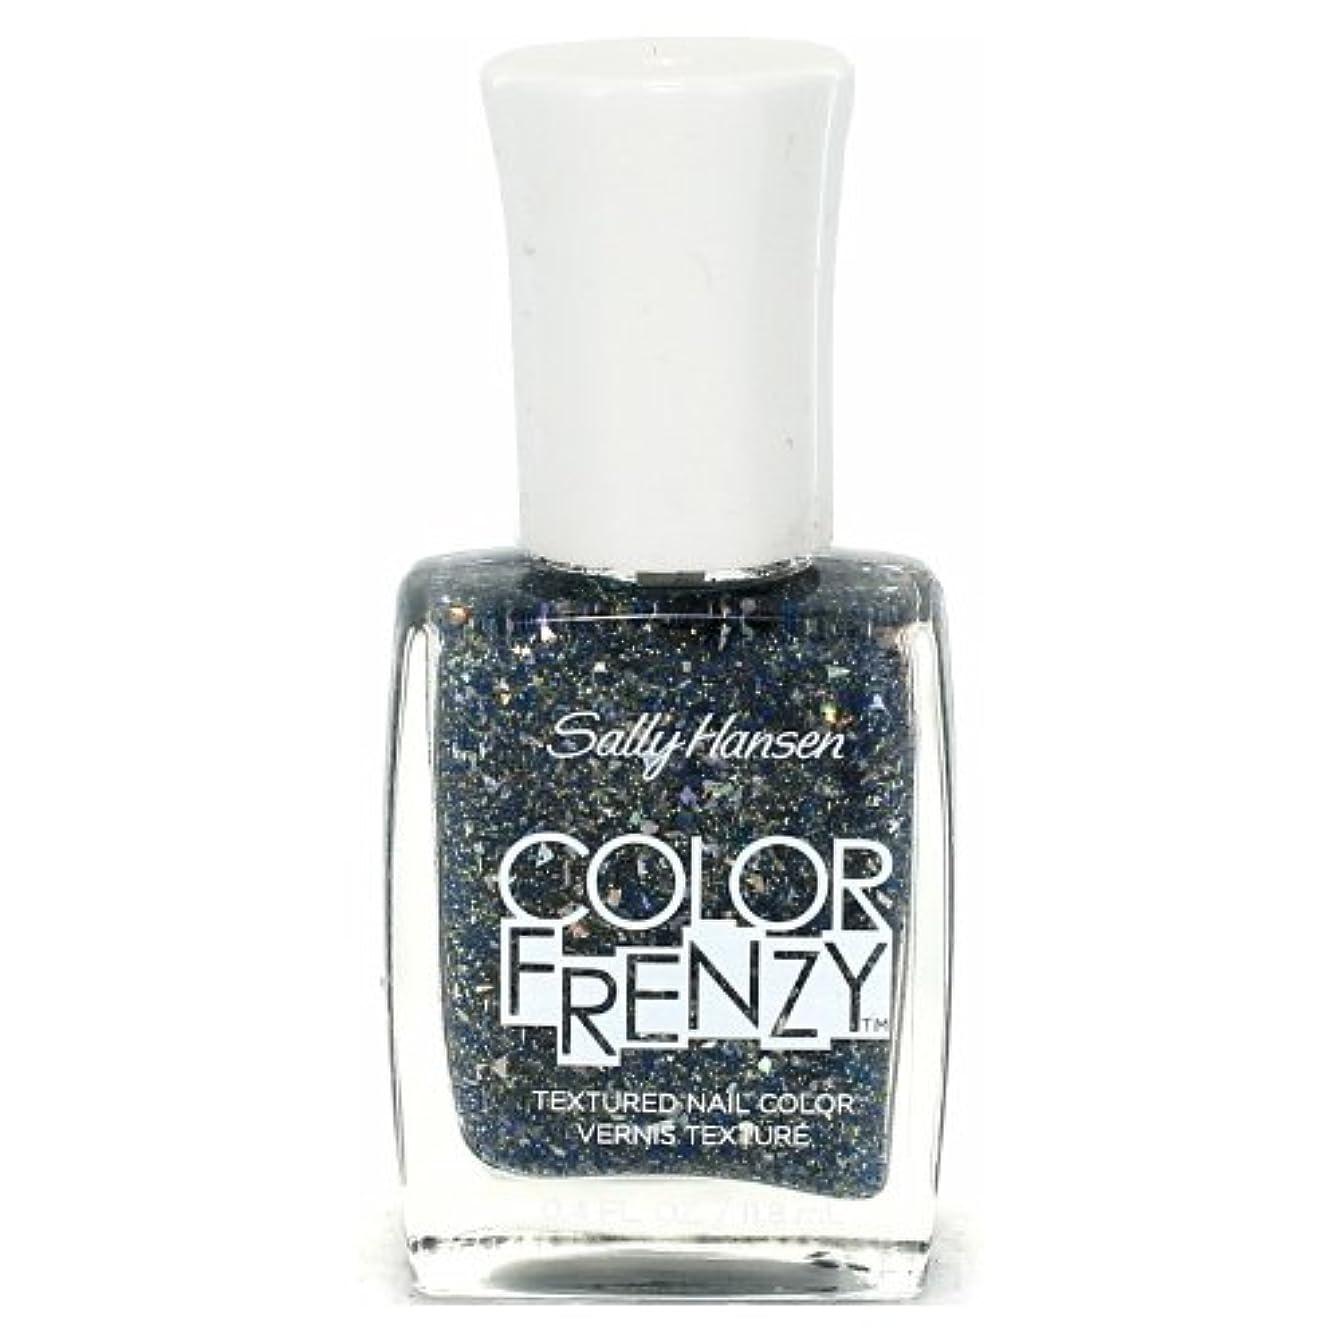 発表出発する失敗(3 Pack) SALLY HANSEN Color Frenzy Textured Nail Color - Sea Salt (並行輸入品)